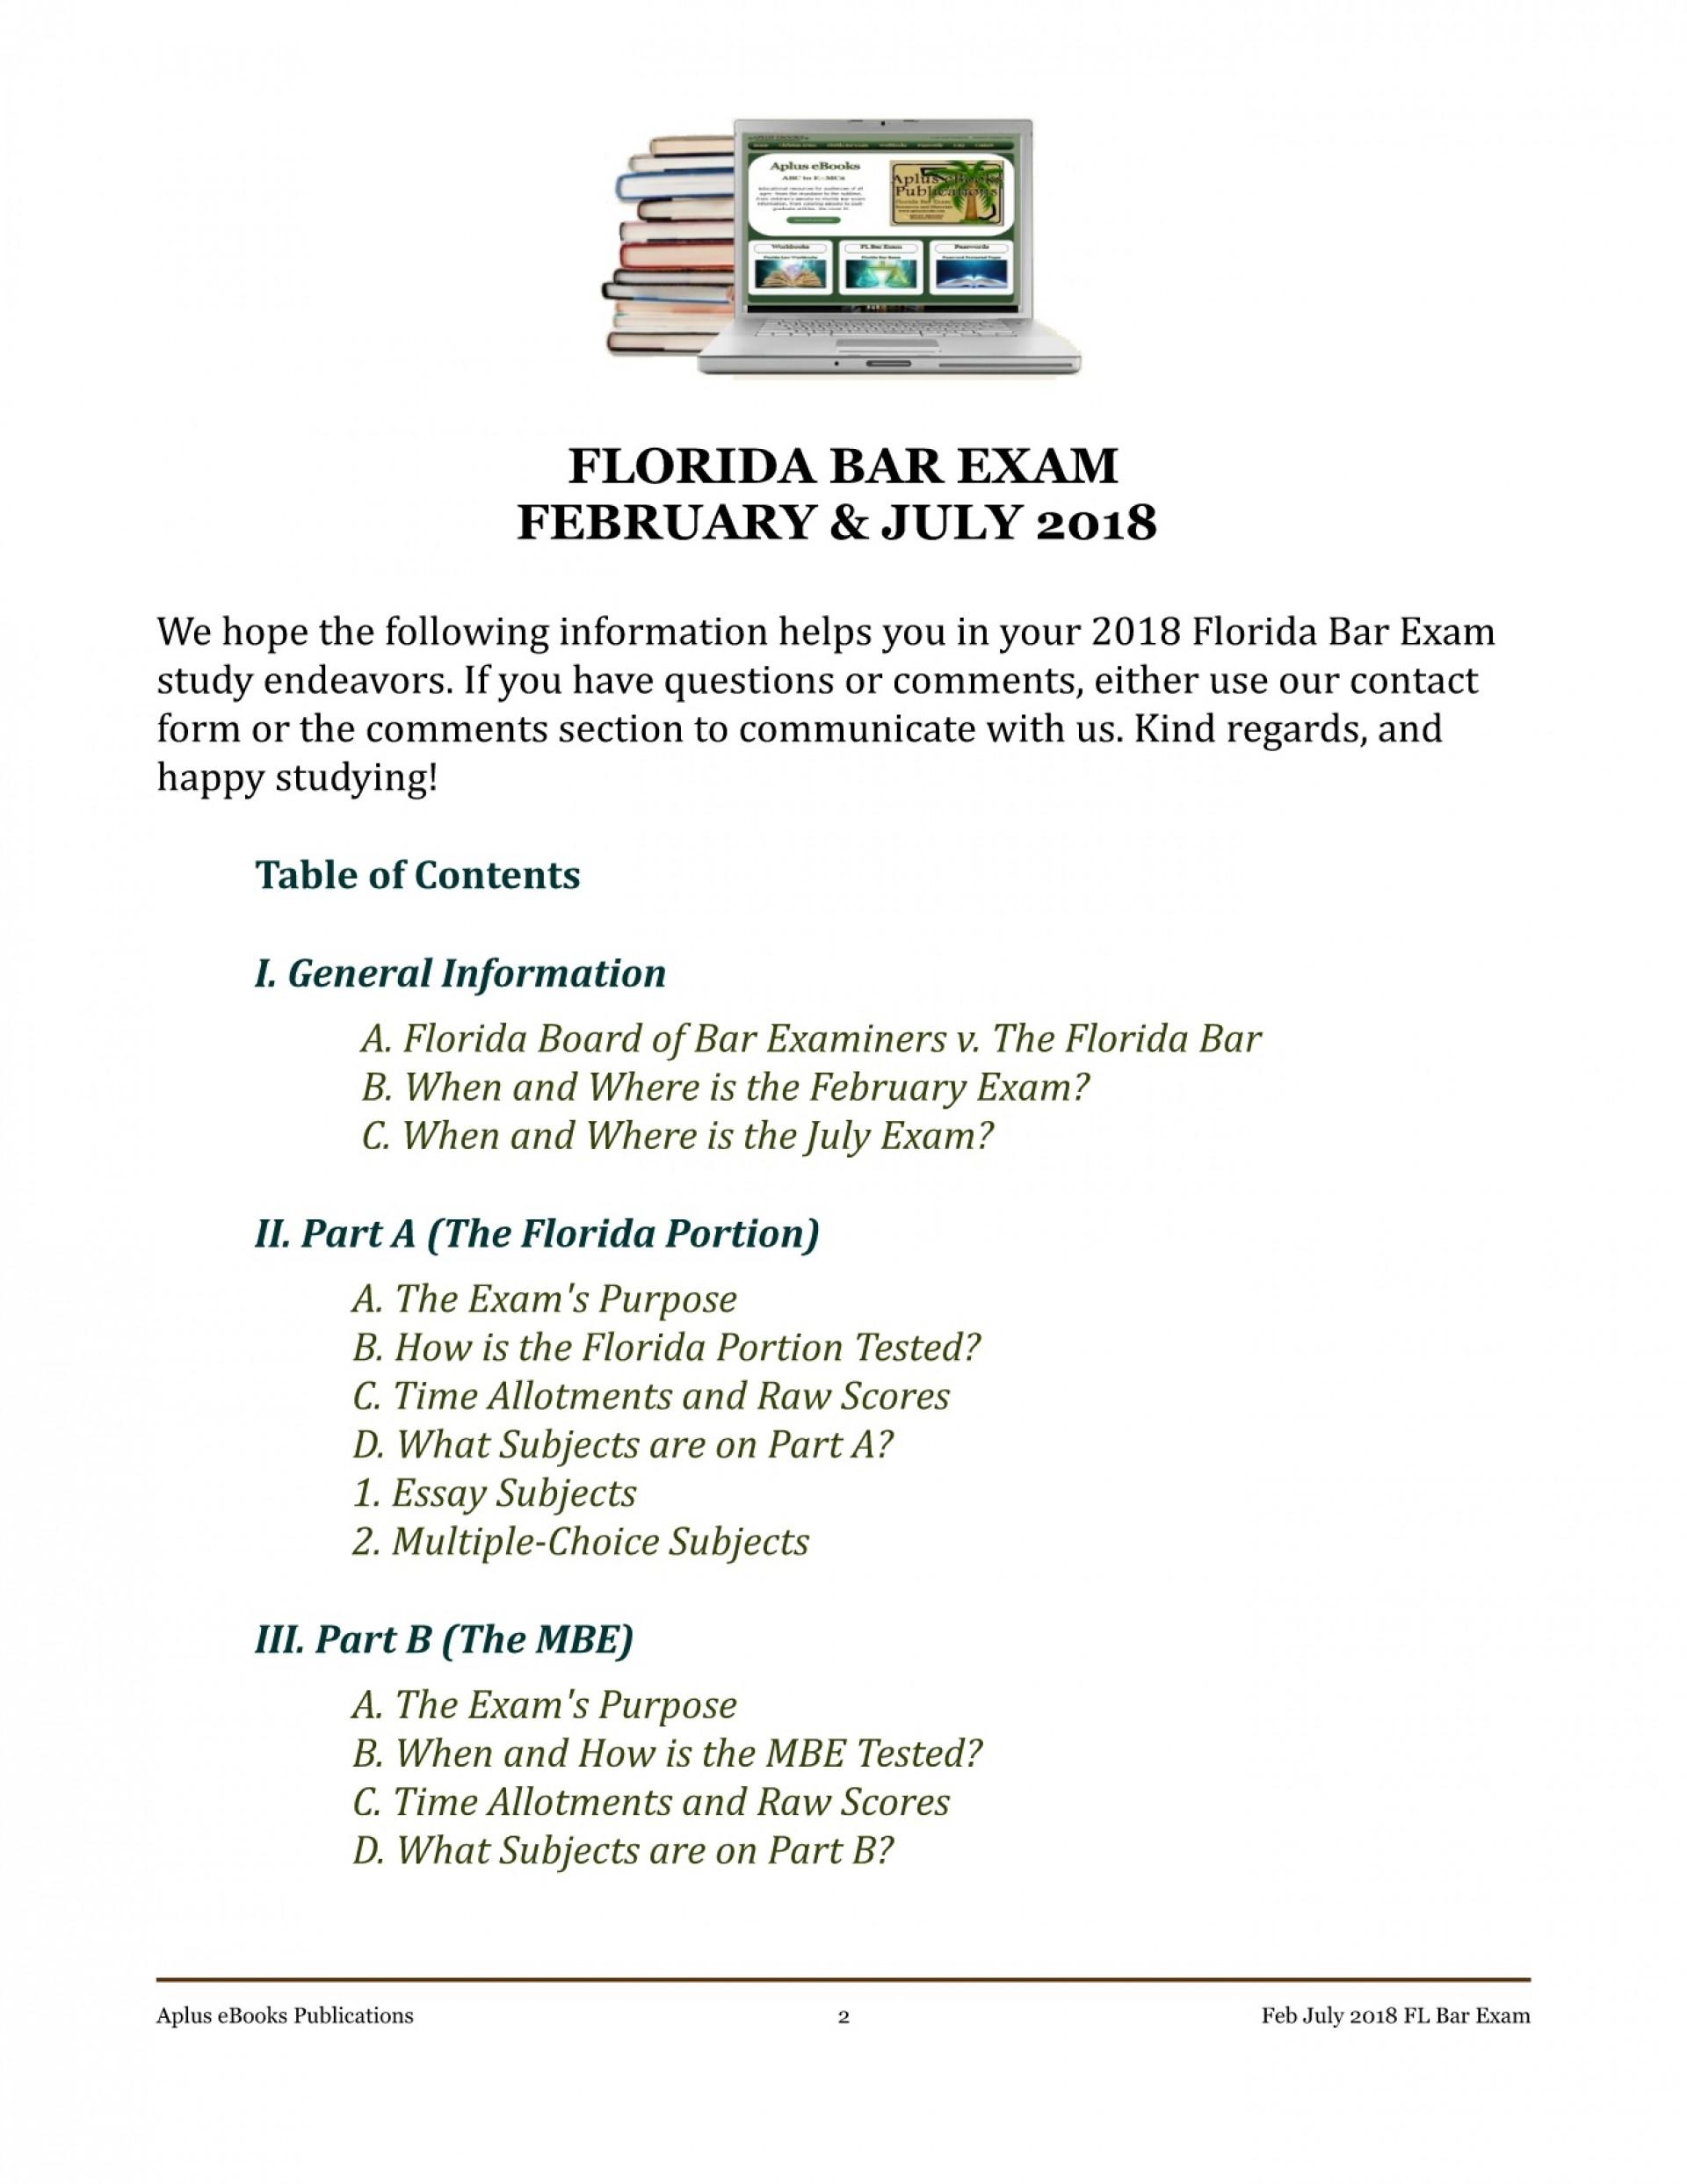 002 Florida Bar Essays Essay Exceptional July 2018 Exam 2017 Feb 1920